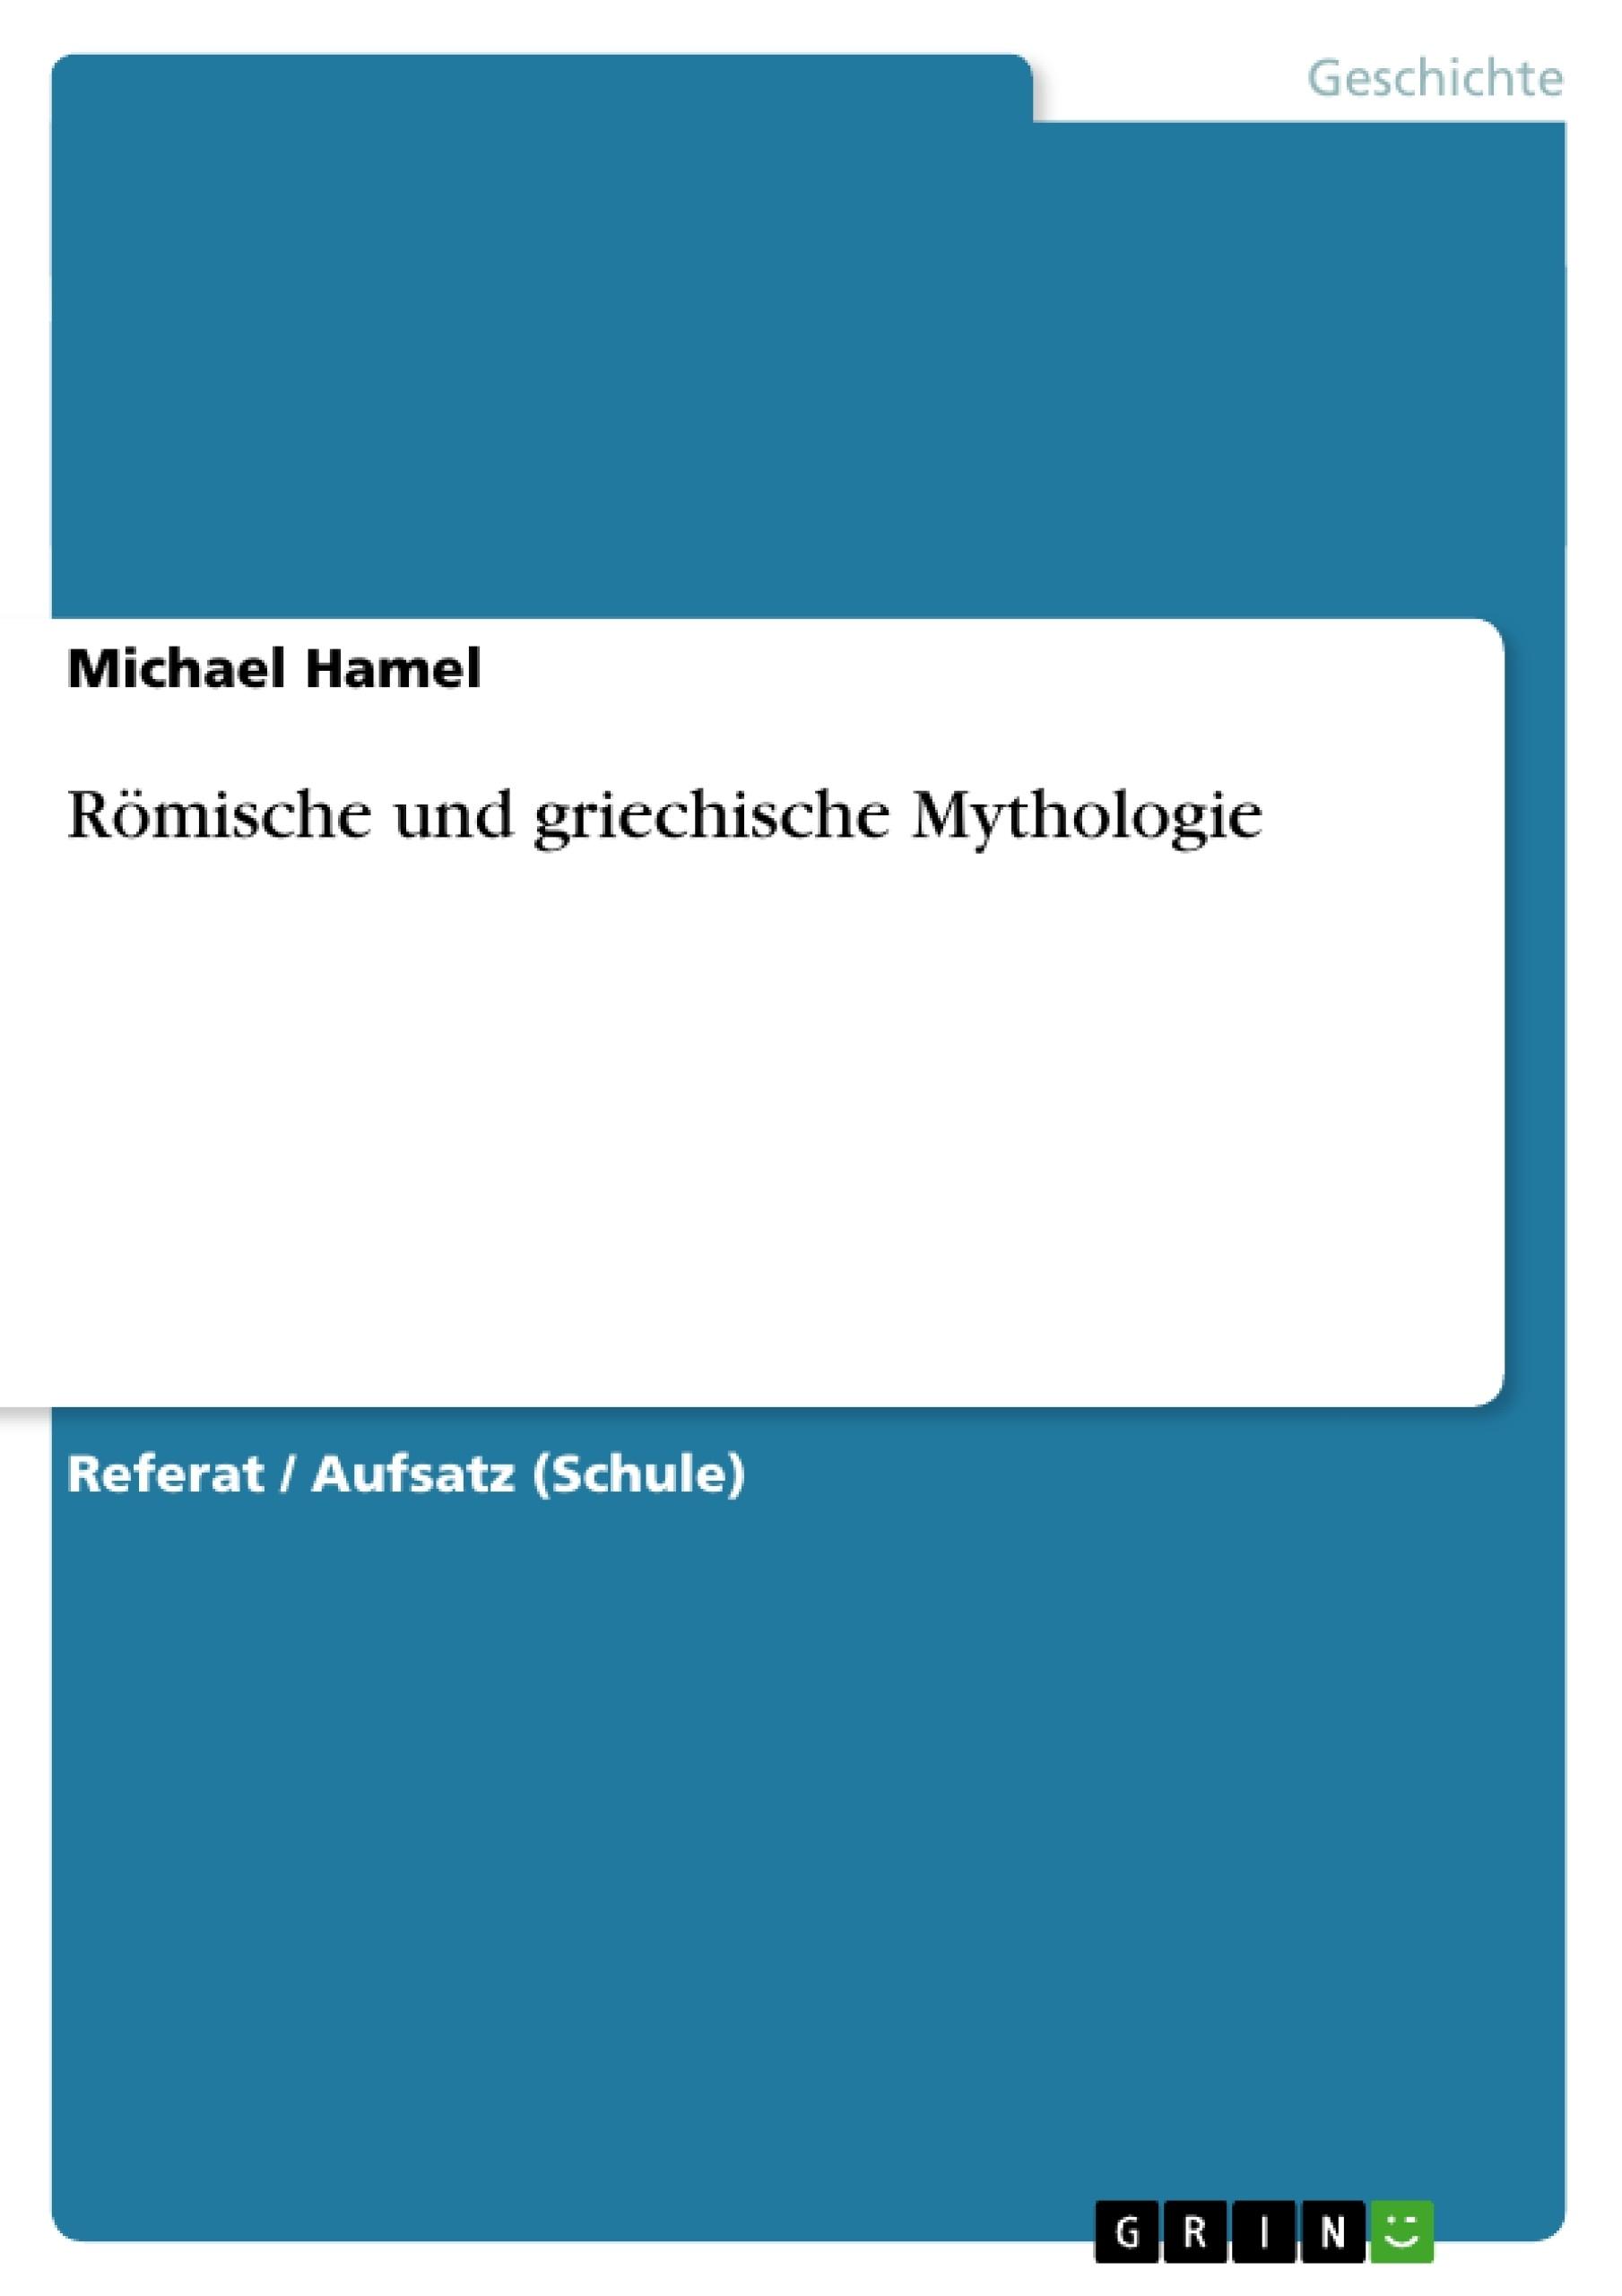 Titel: Römische und griechische Mythologie